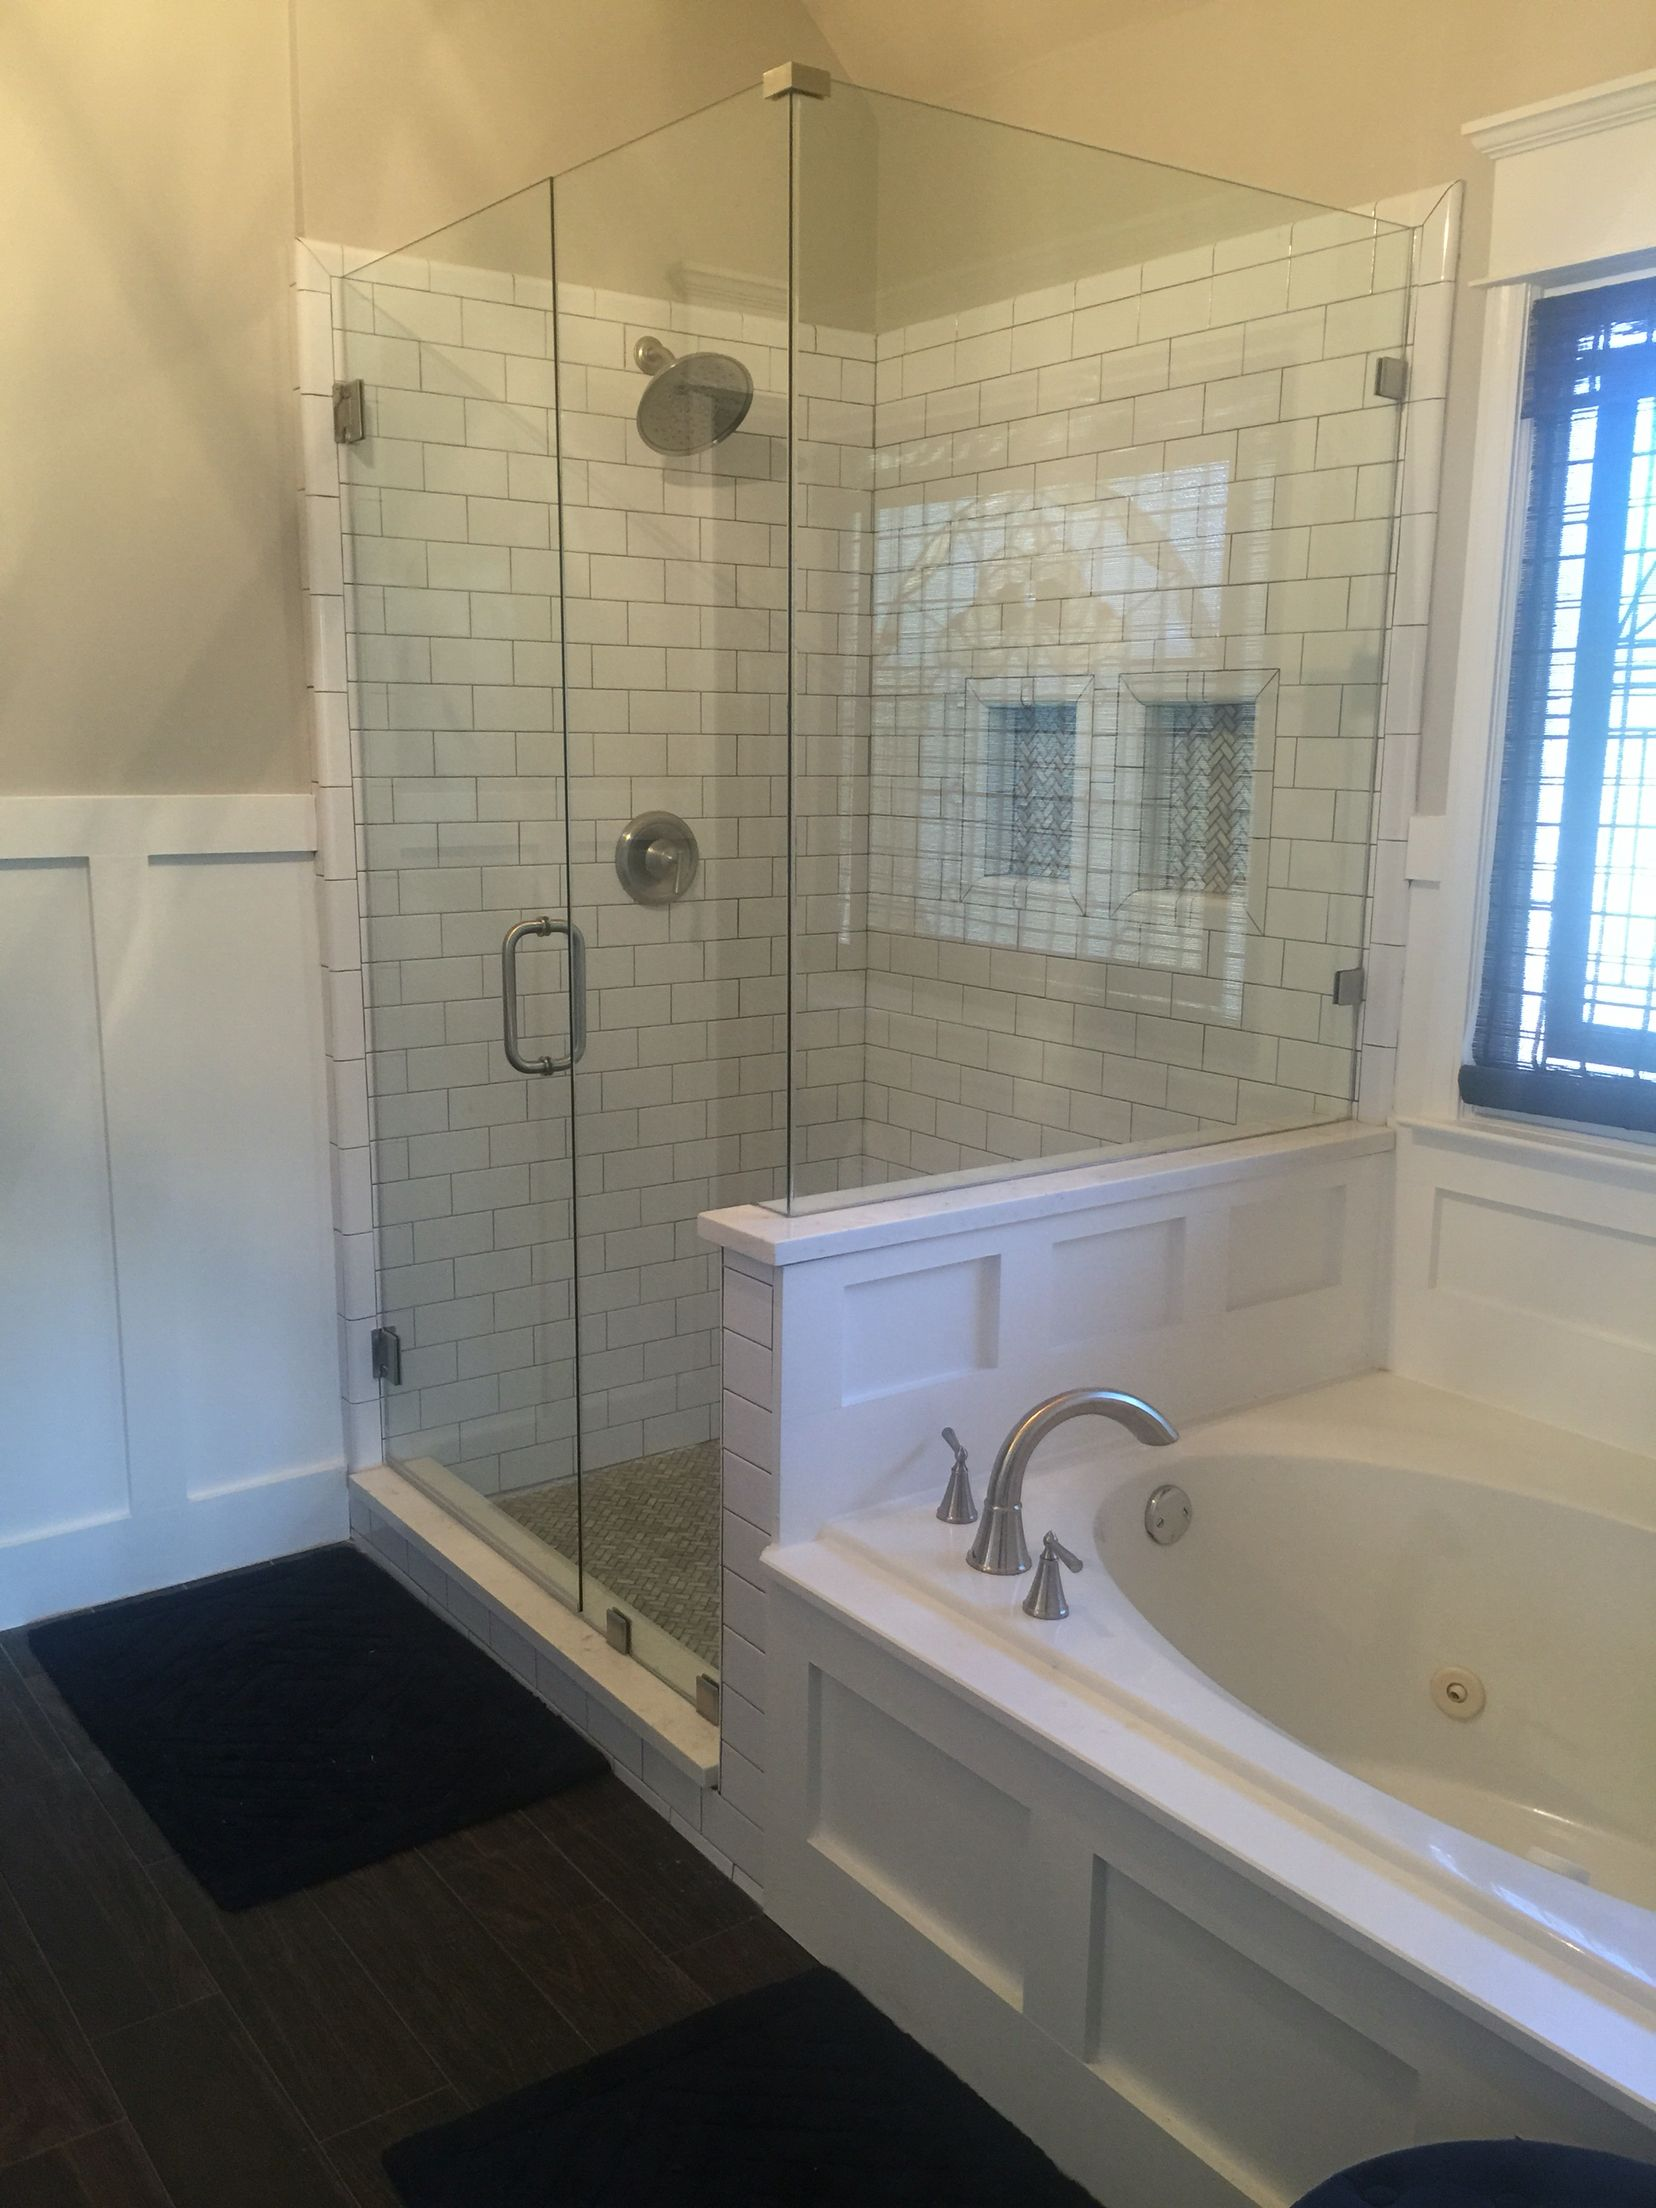 White Subway Tile Gray Grout Frameless Shower Dark Brown Wood Tile Flooring Wood Tile Bathroom Floor Wood Tile Bathroom Wood Tile Floors